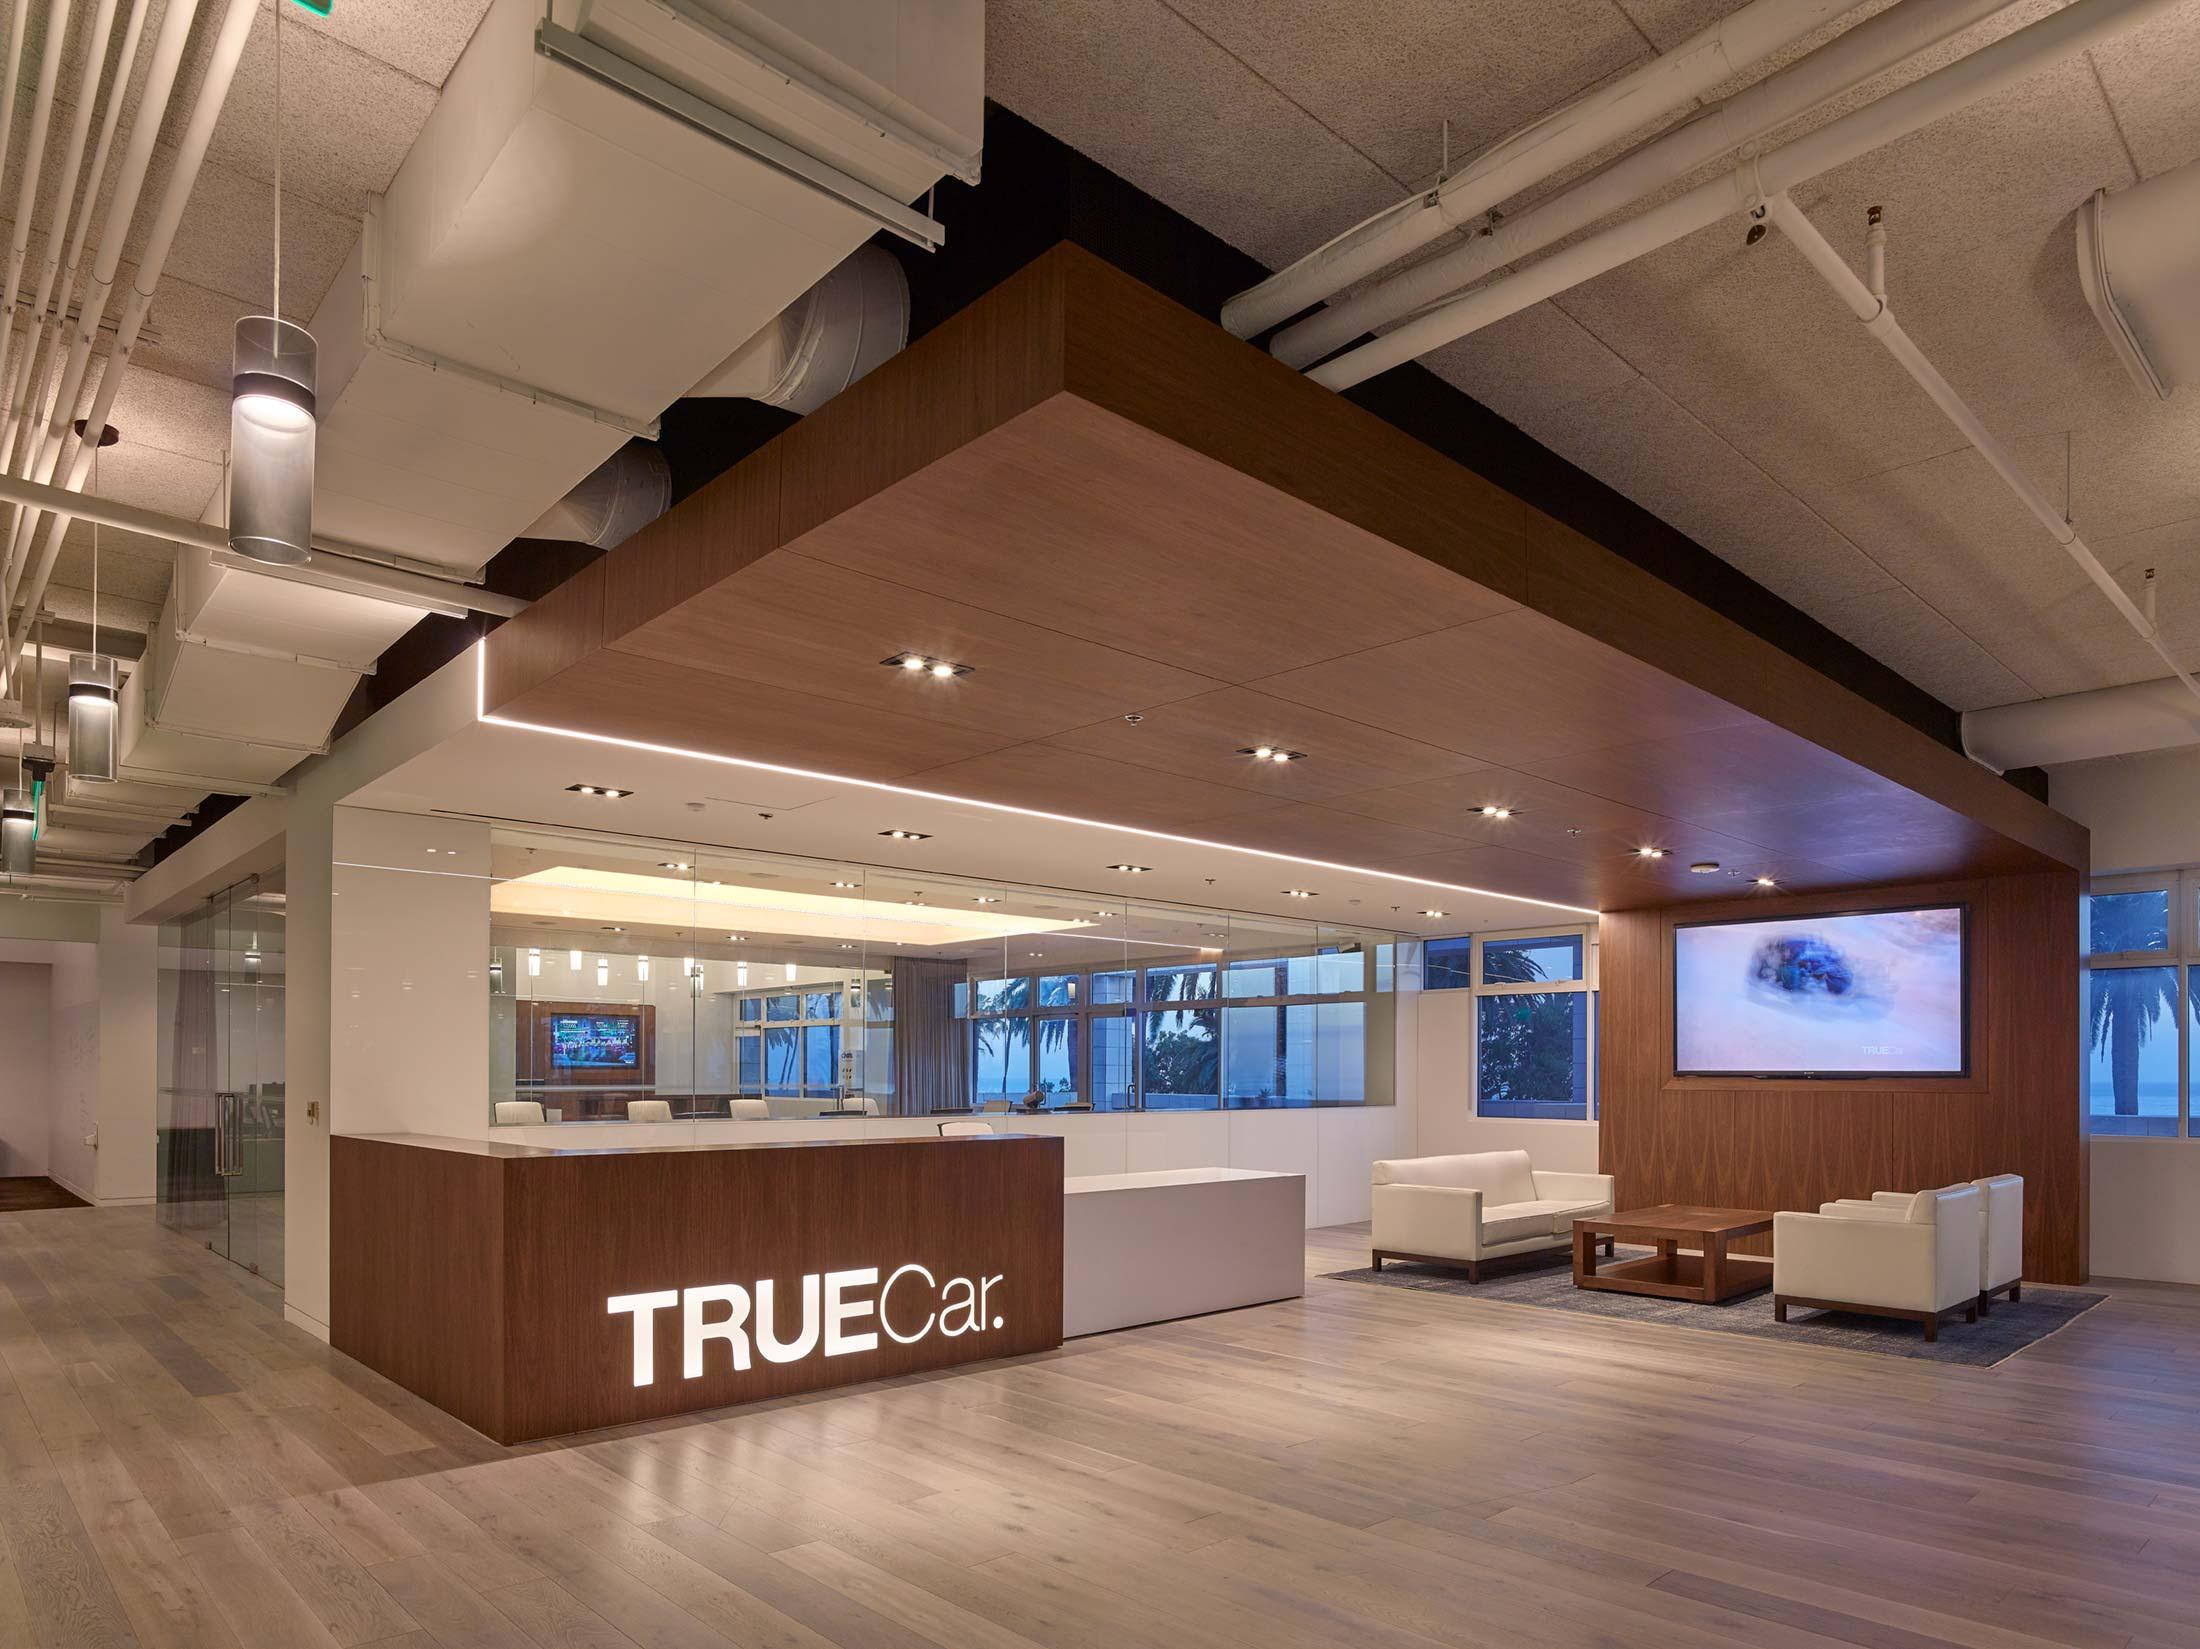 Truecar shubin donaldson for Commercial furniture interiors